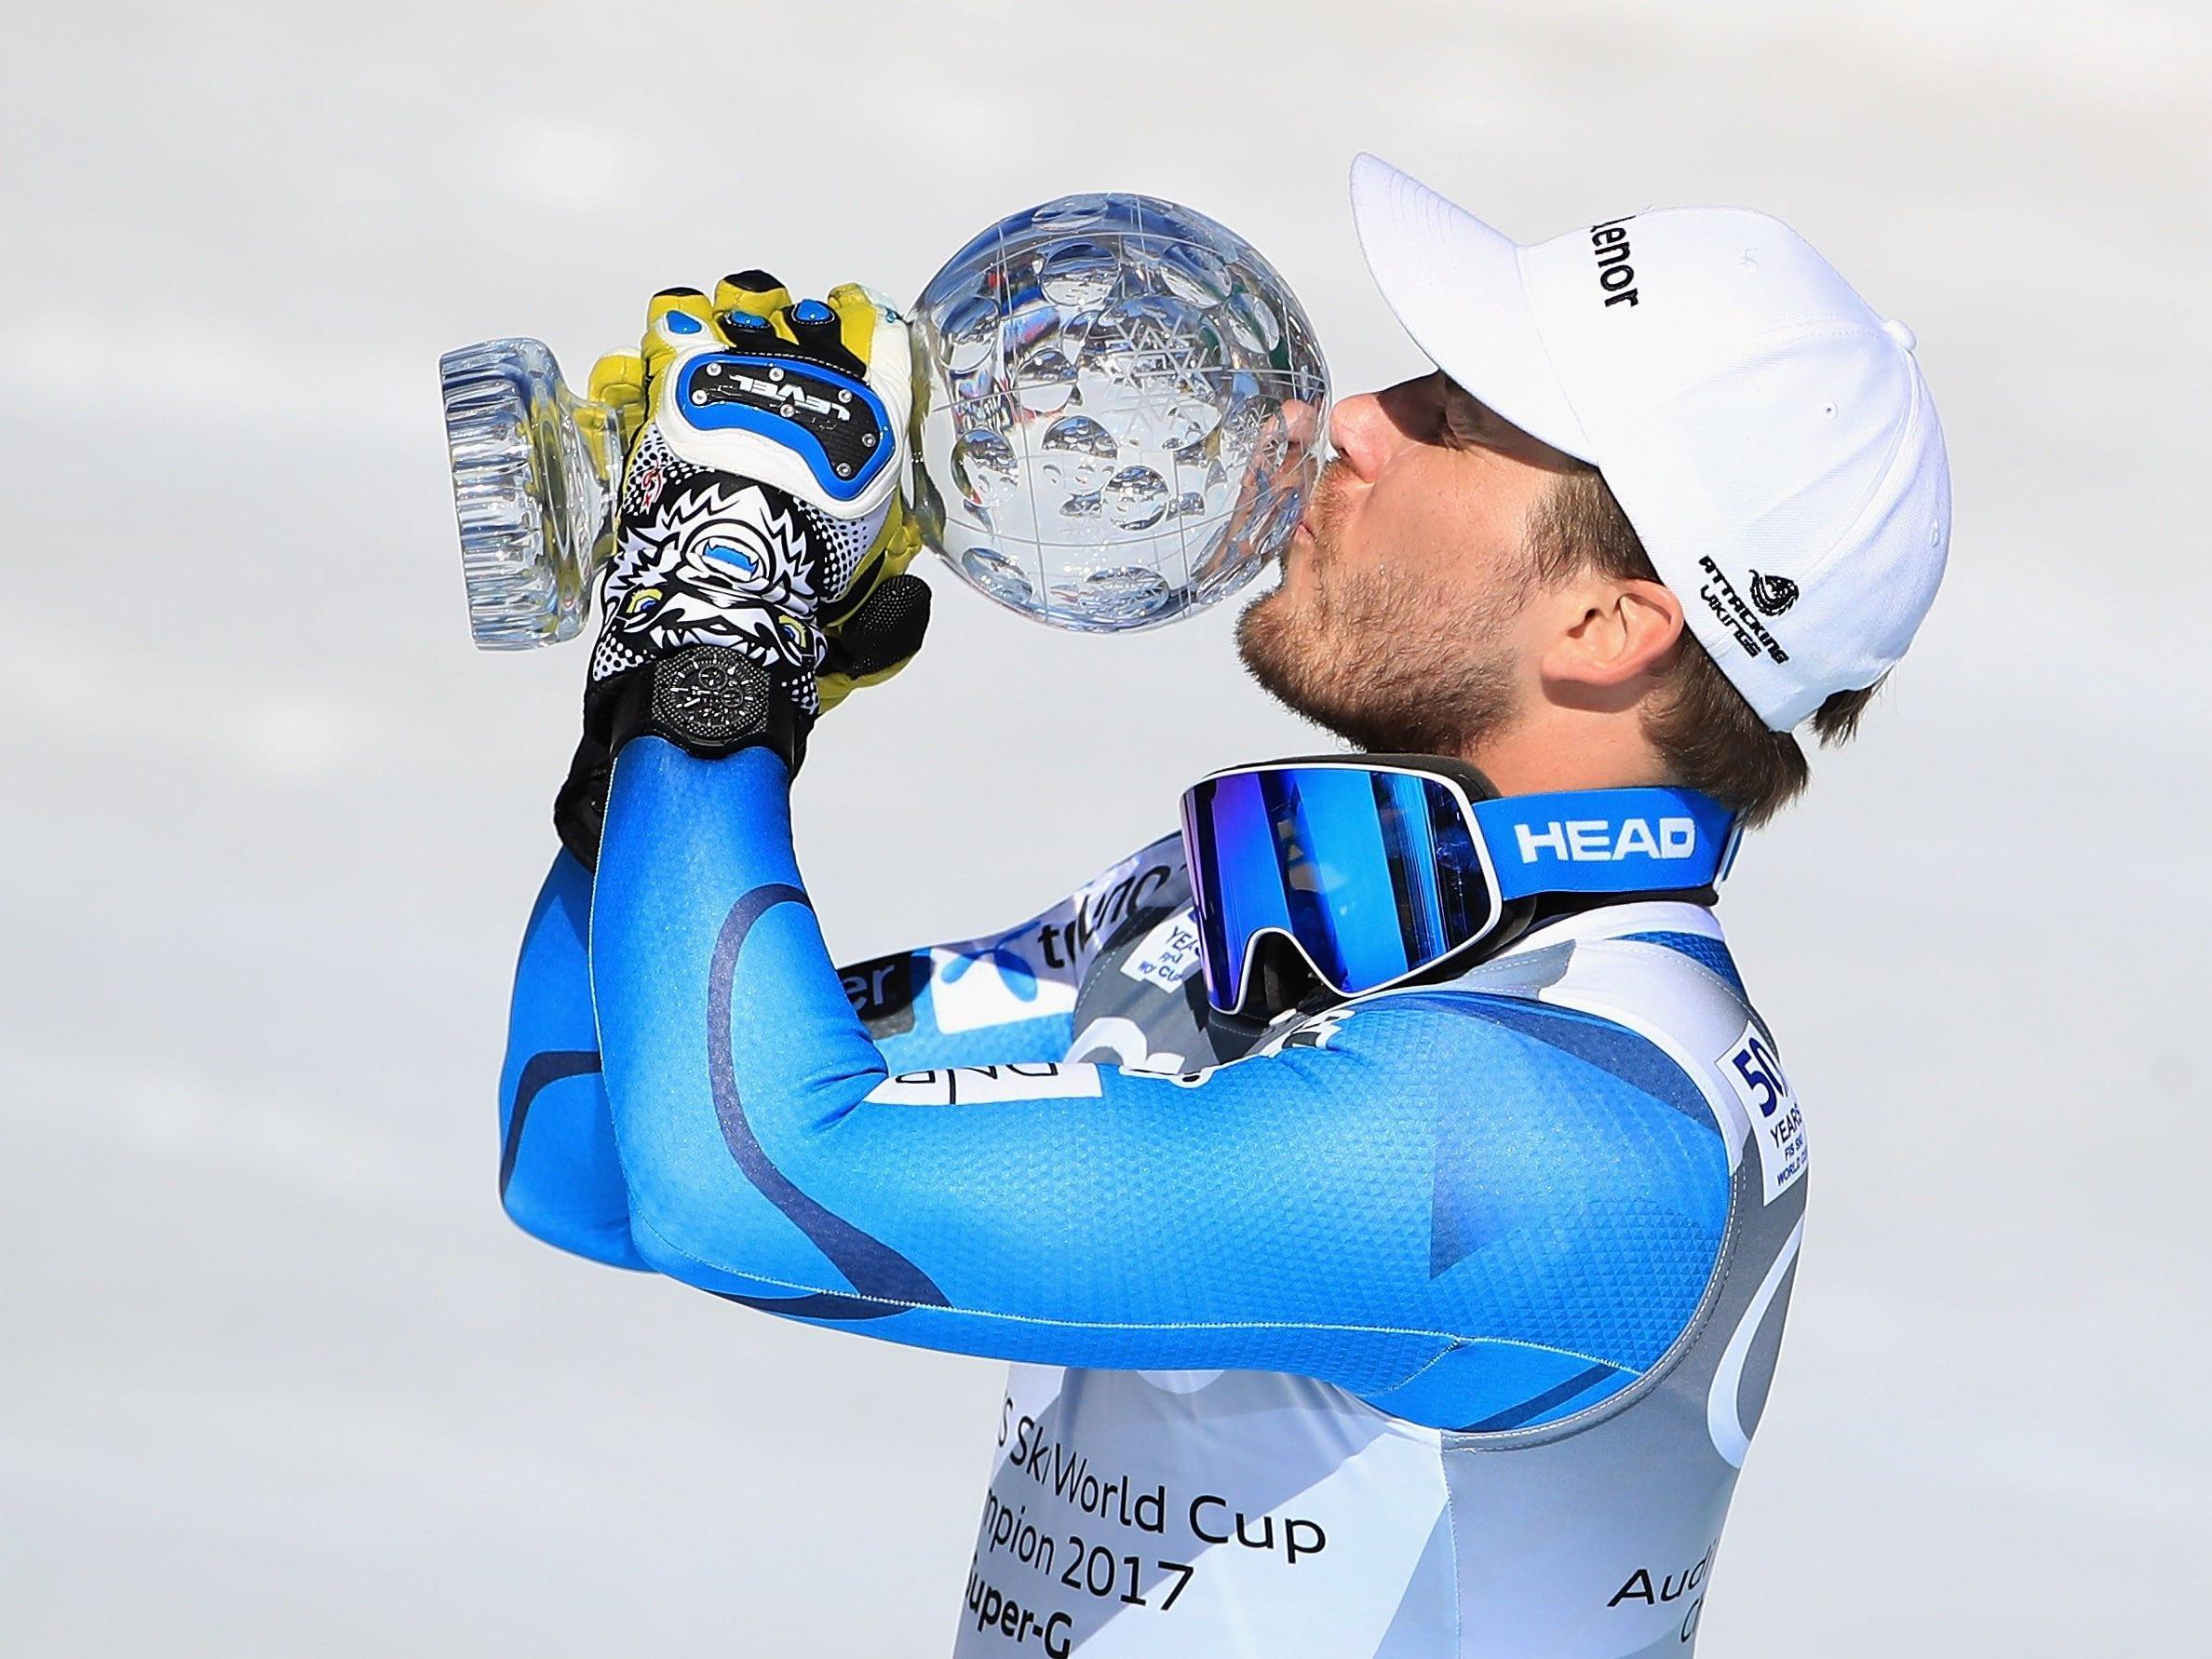 Für Kjetil Jansrud stand der Gewinn schon vor dem Rennen fest.